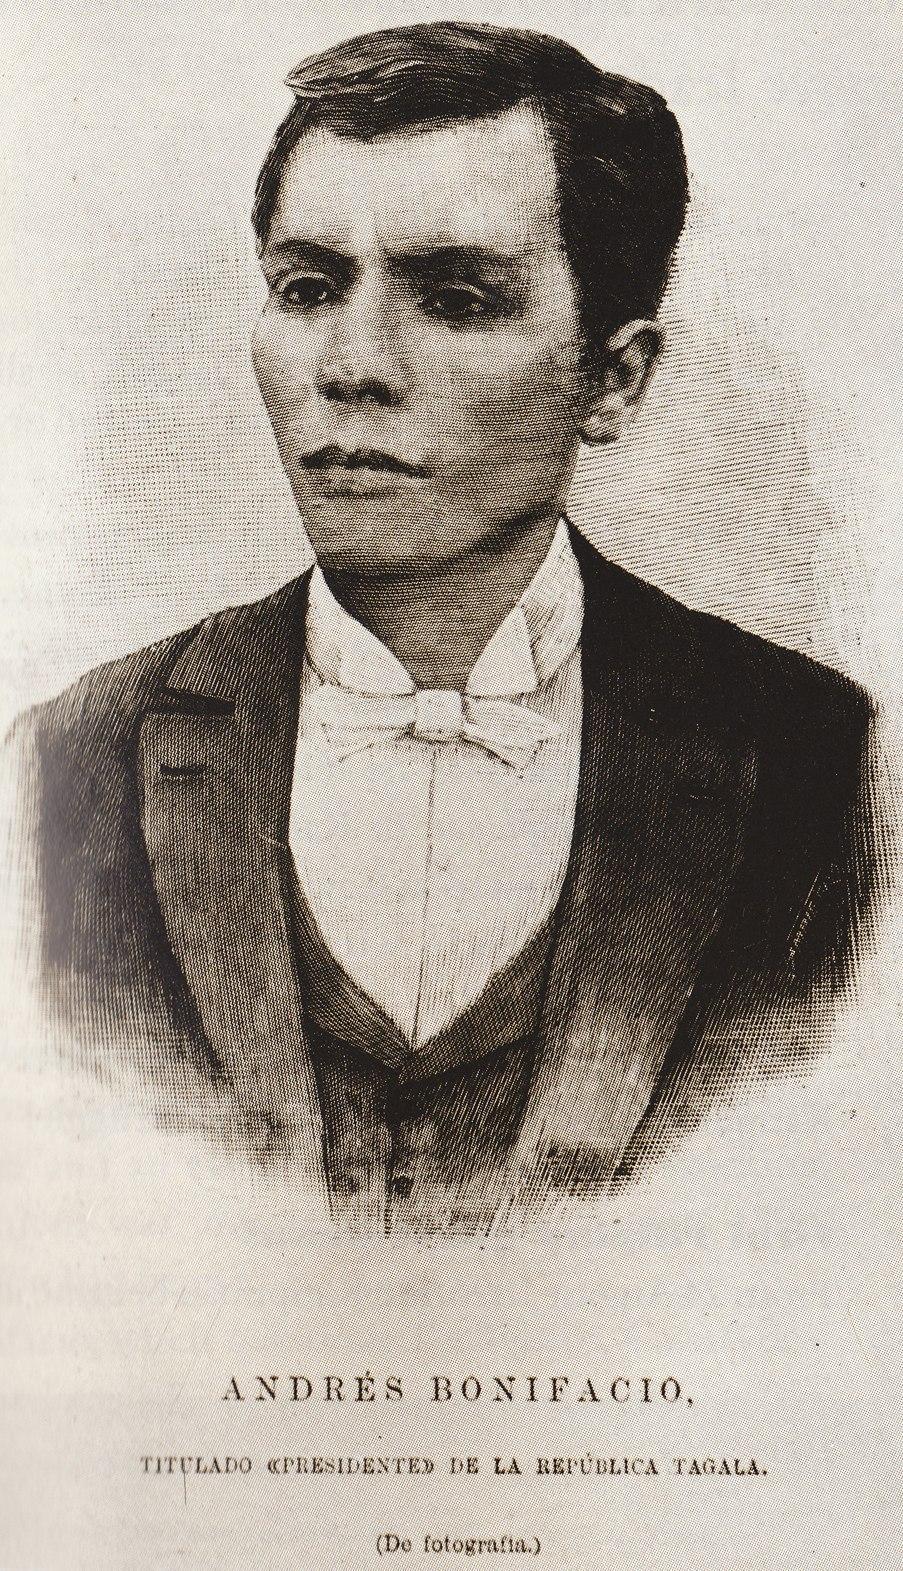 Andrés Bonifacio